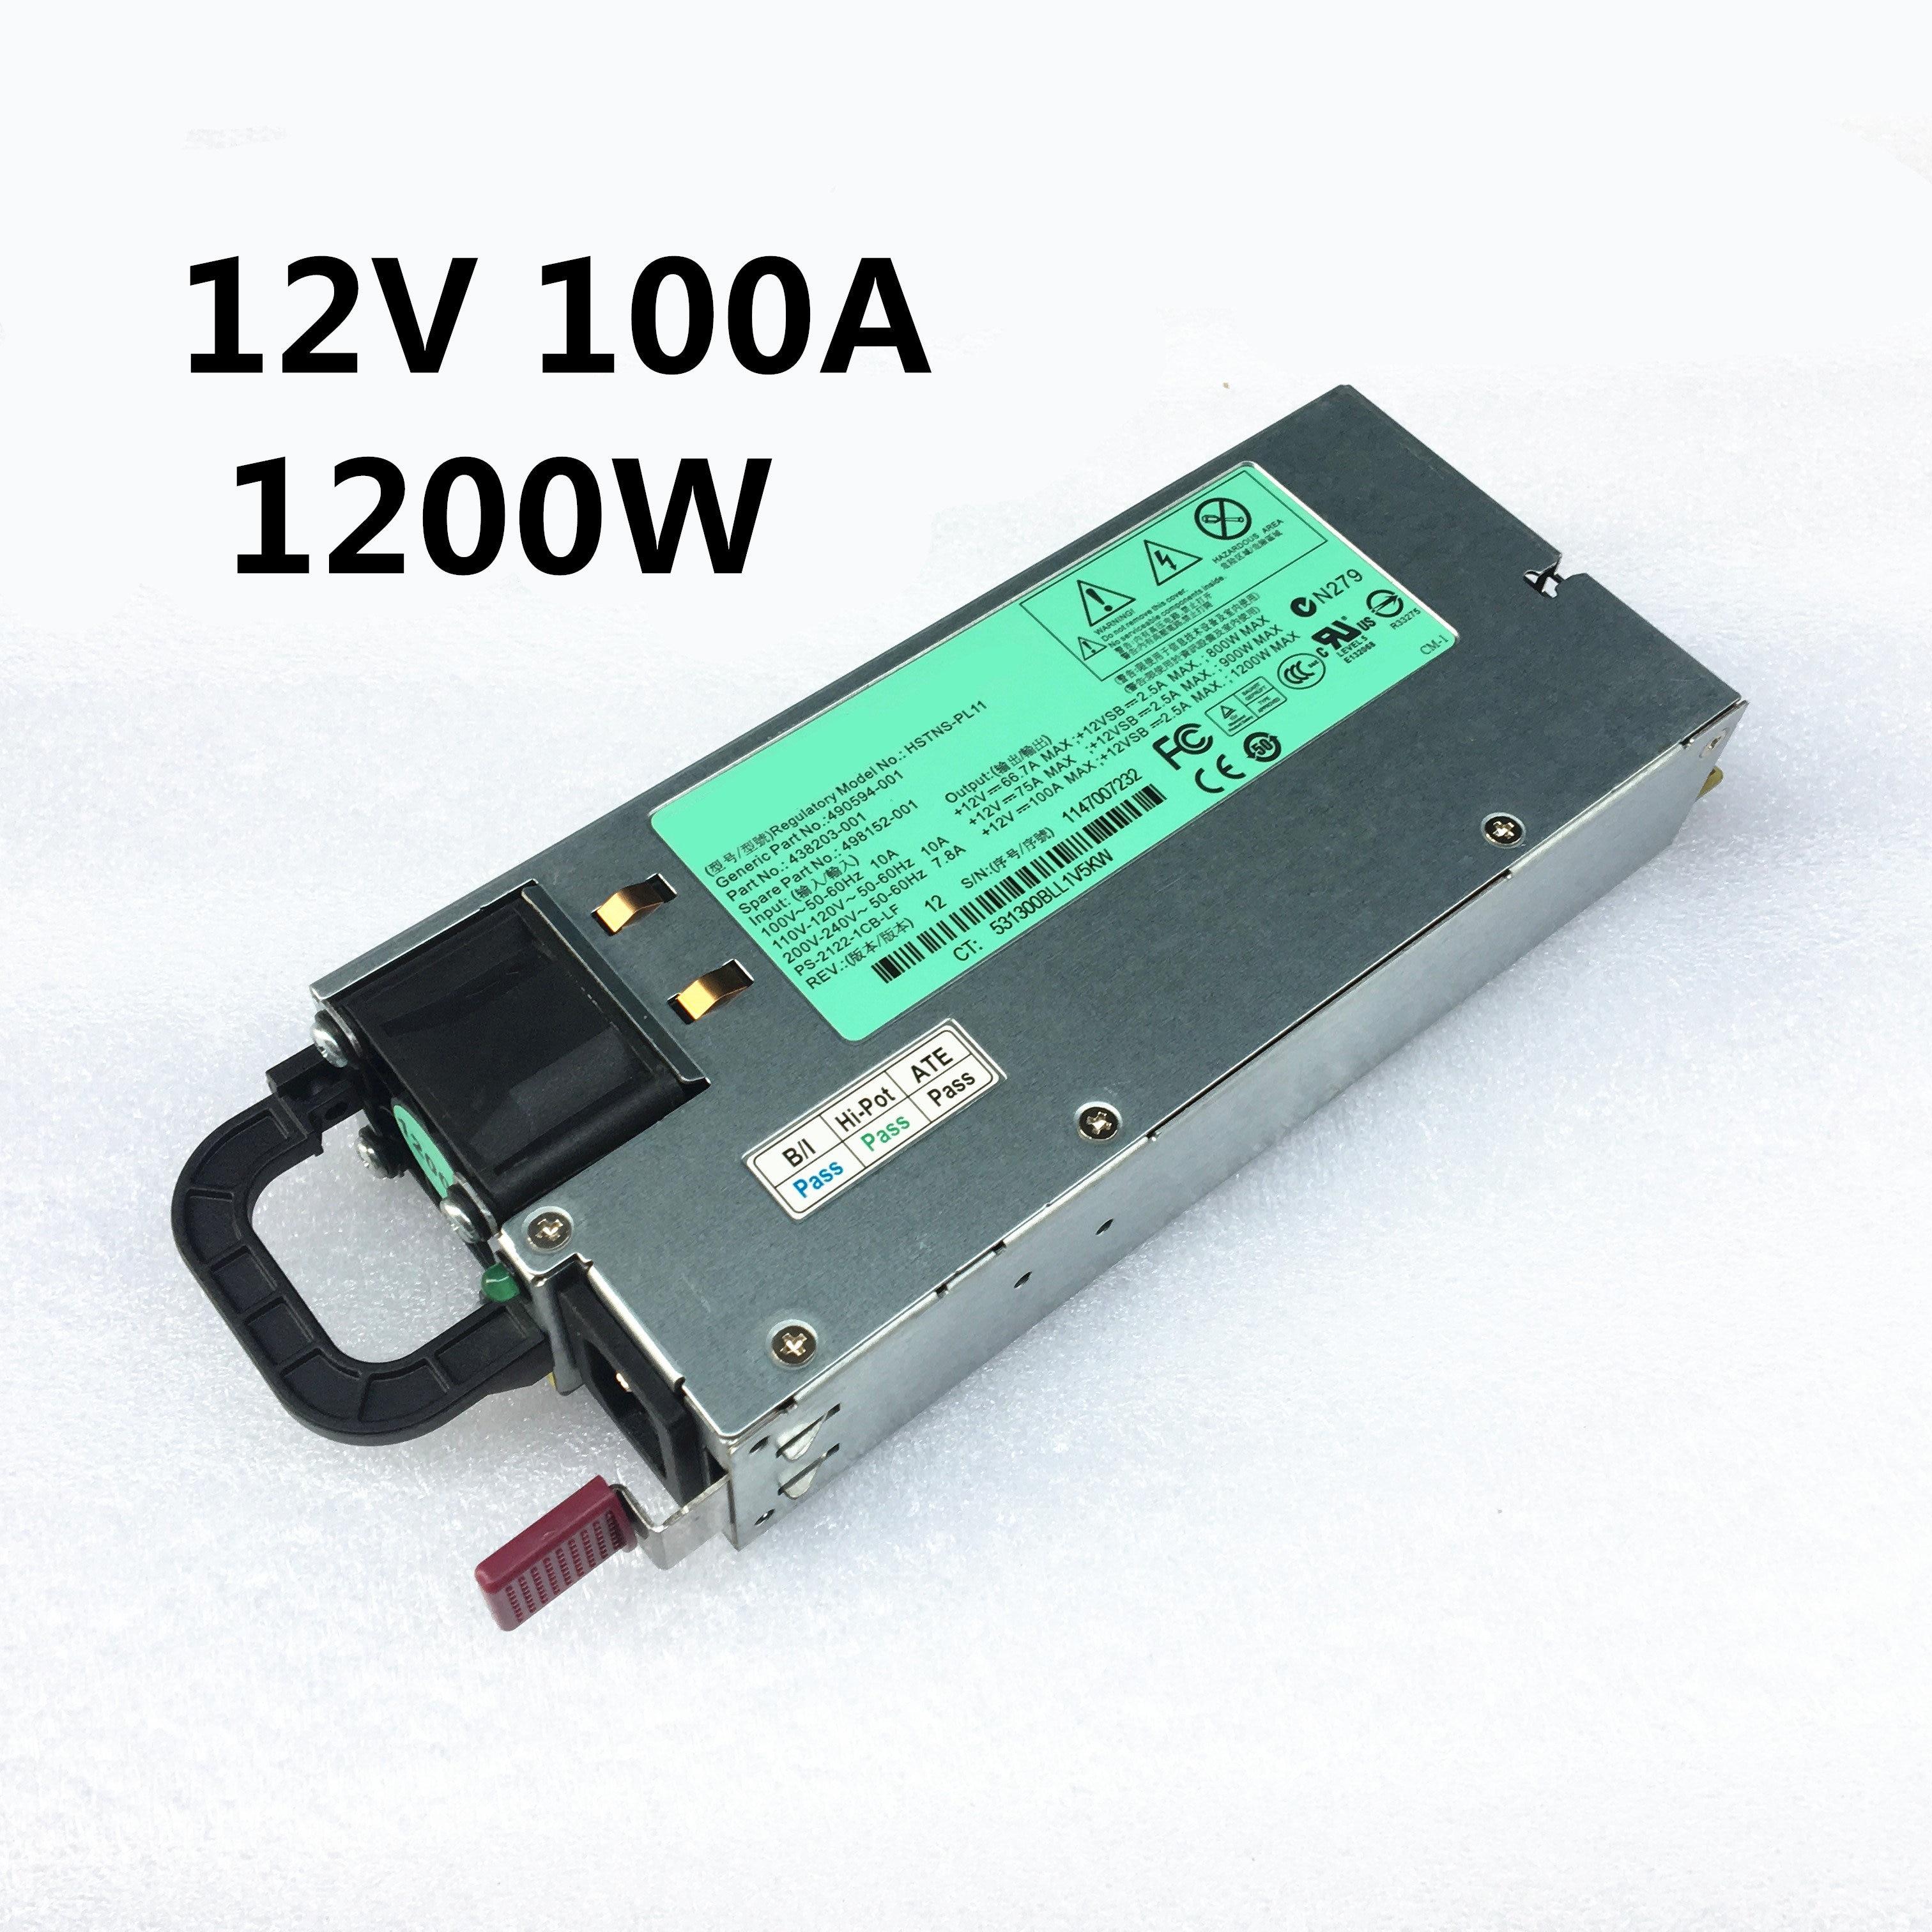 HP 12V 1200W Power Supply SP//N 441830-001 438202-001 440785-001